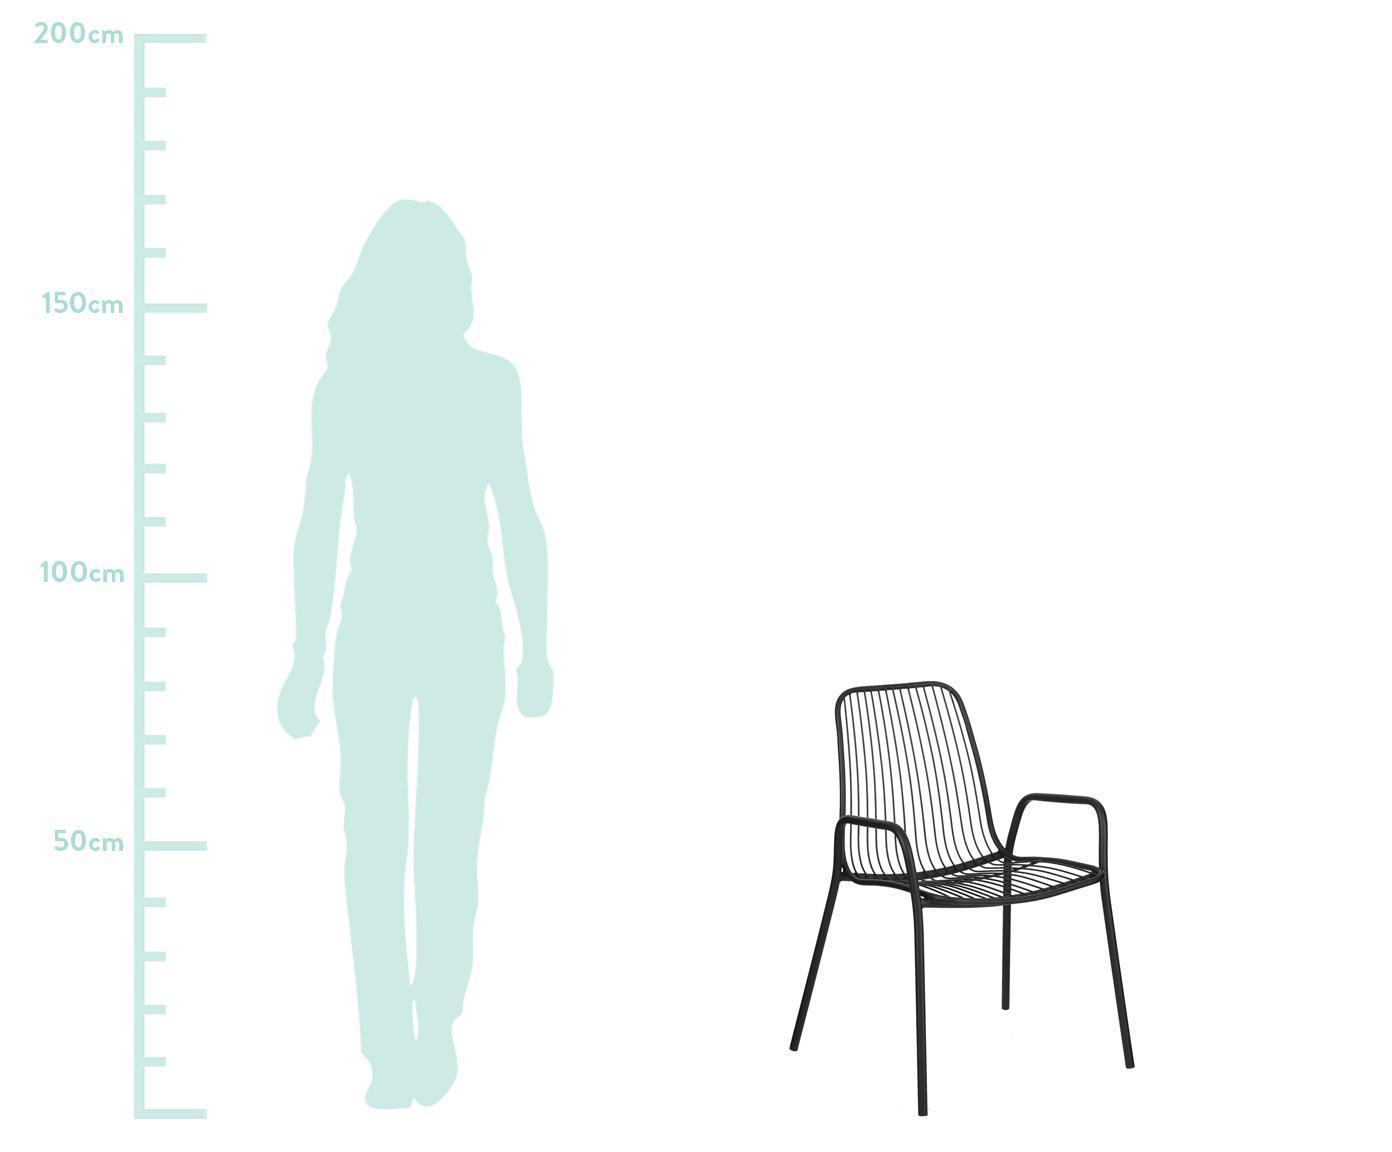 Krzesło z metalu z podłokietnikami Tirana, 2 szt., Metal malowany proszkowo, Czarny, S 54 x G 54 cm